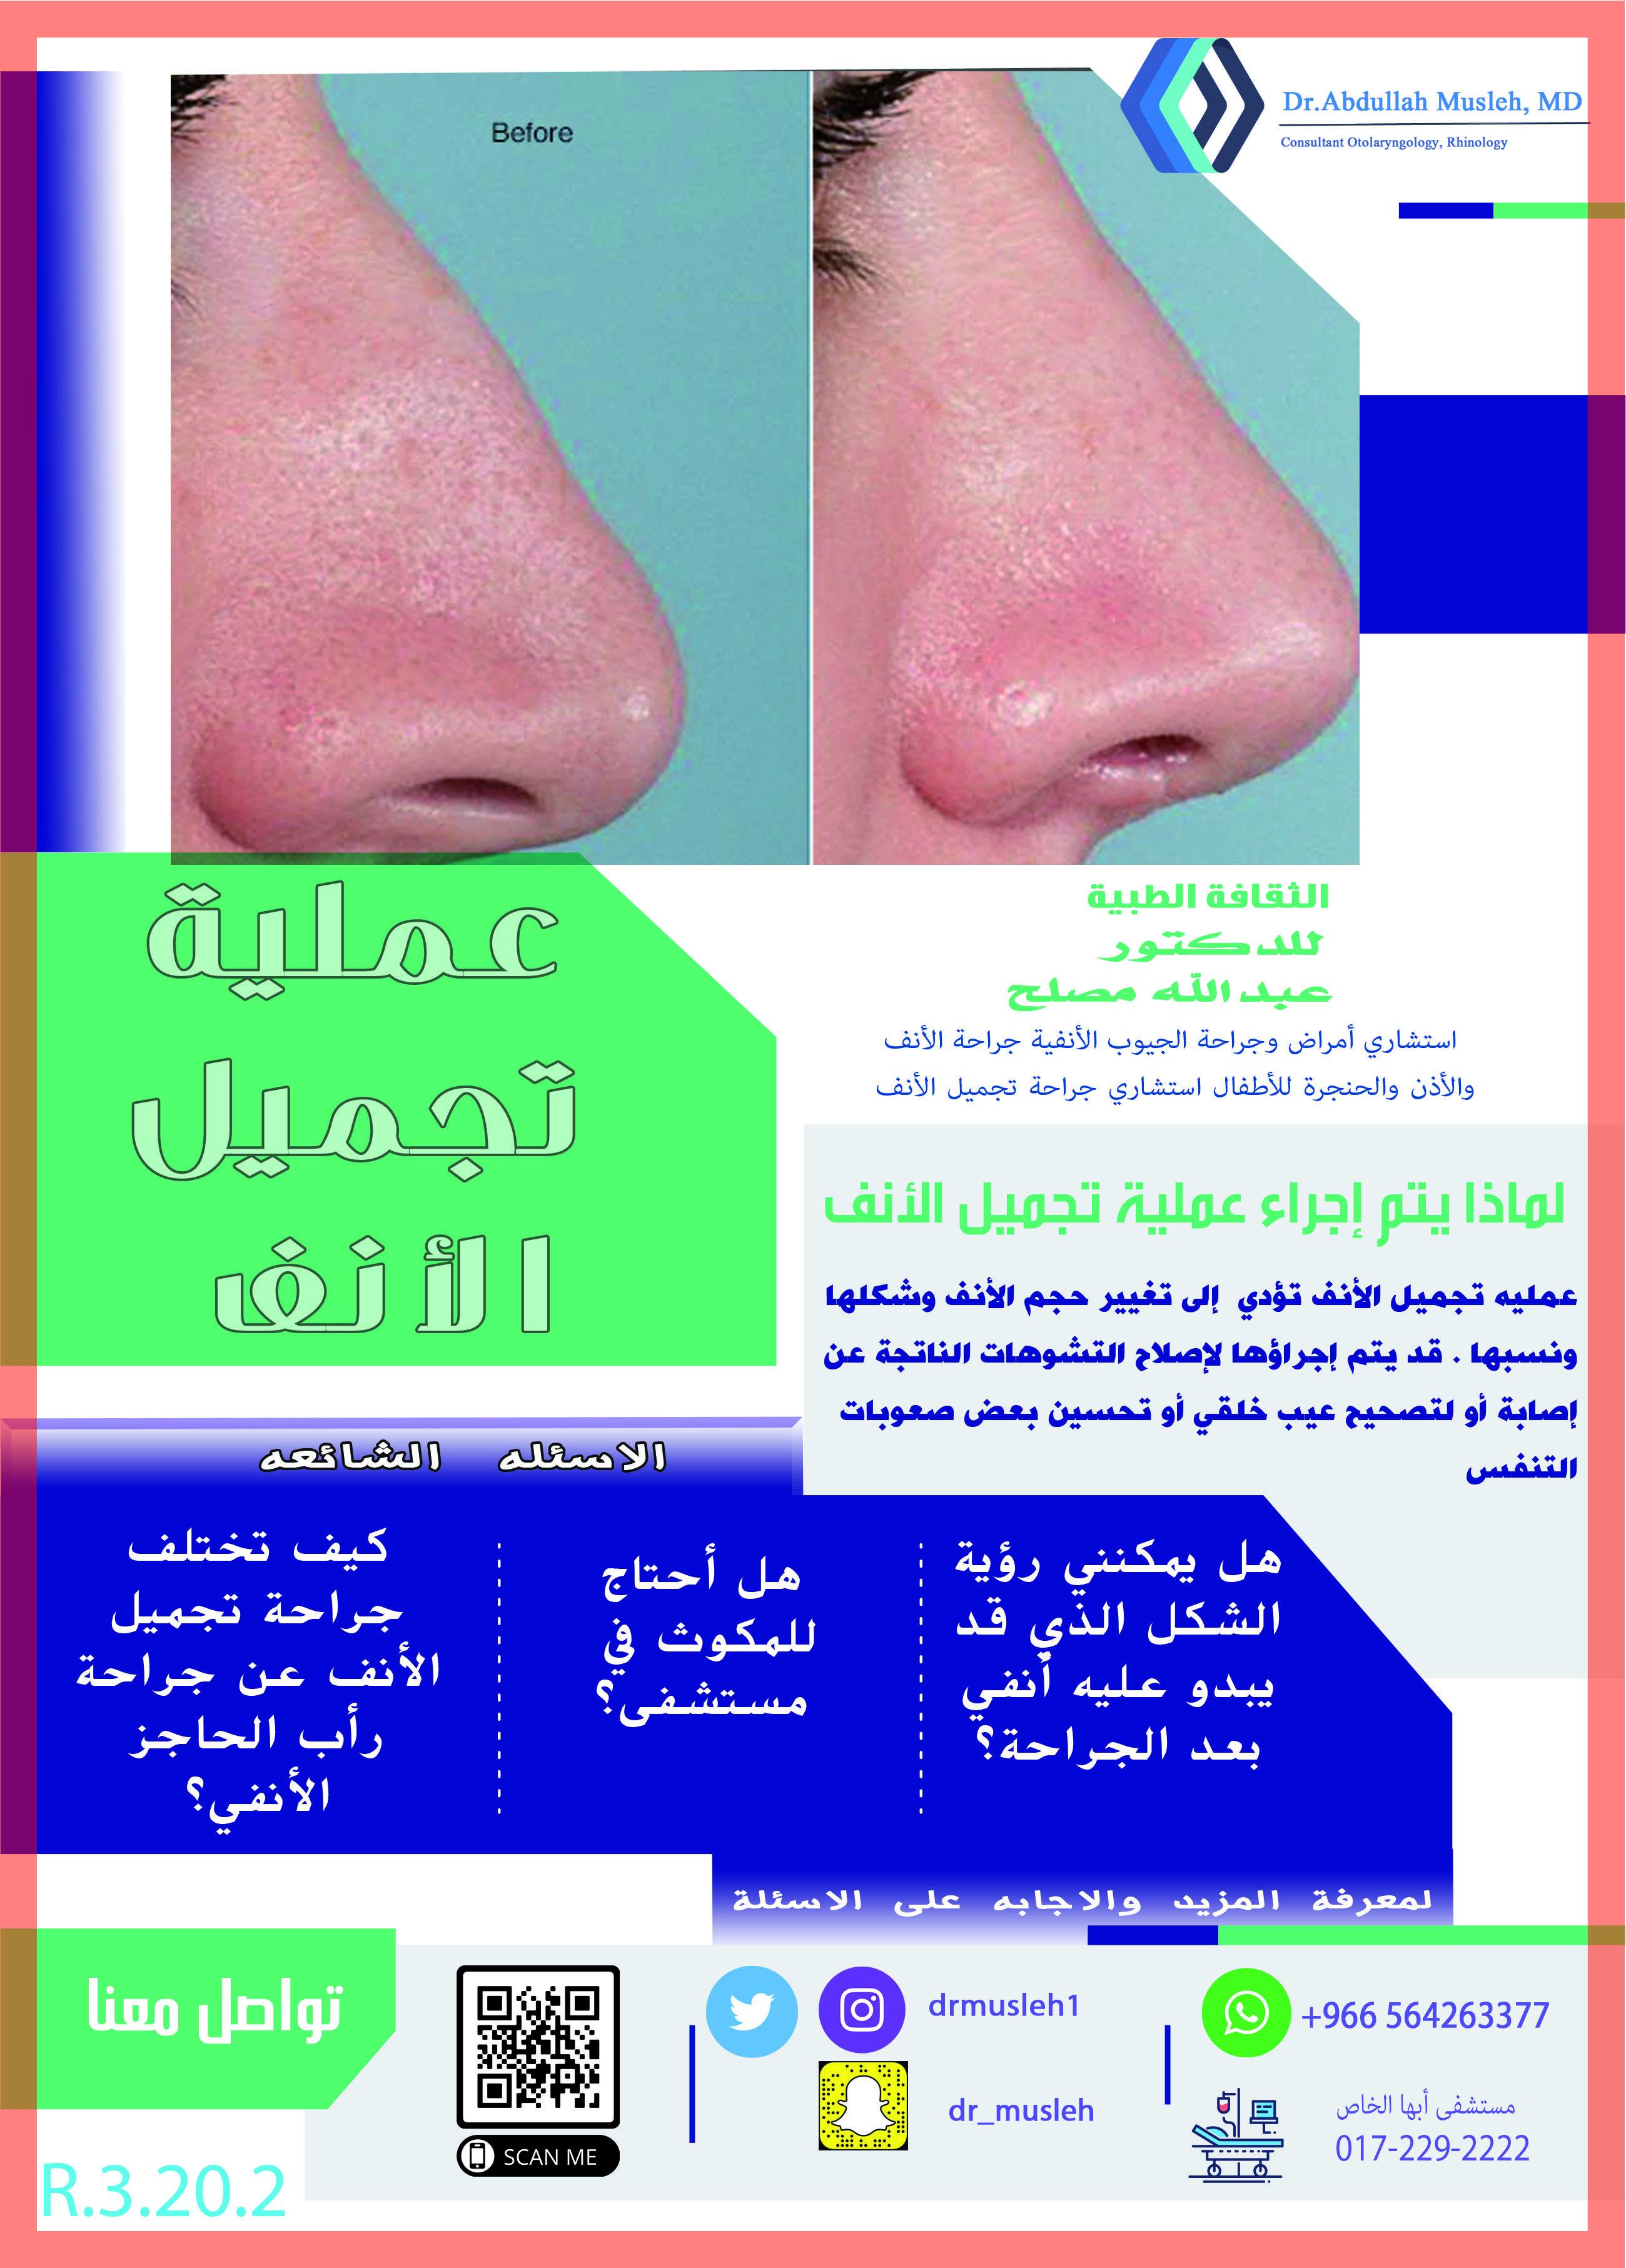 لماذا يتم إجراء عملية تجميل الأنف Nose Ring Nose Slu